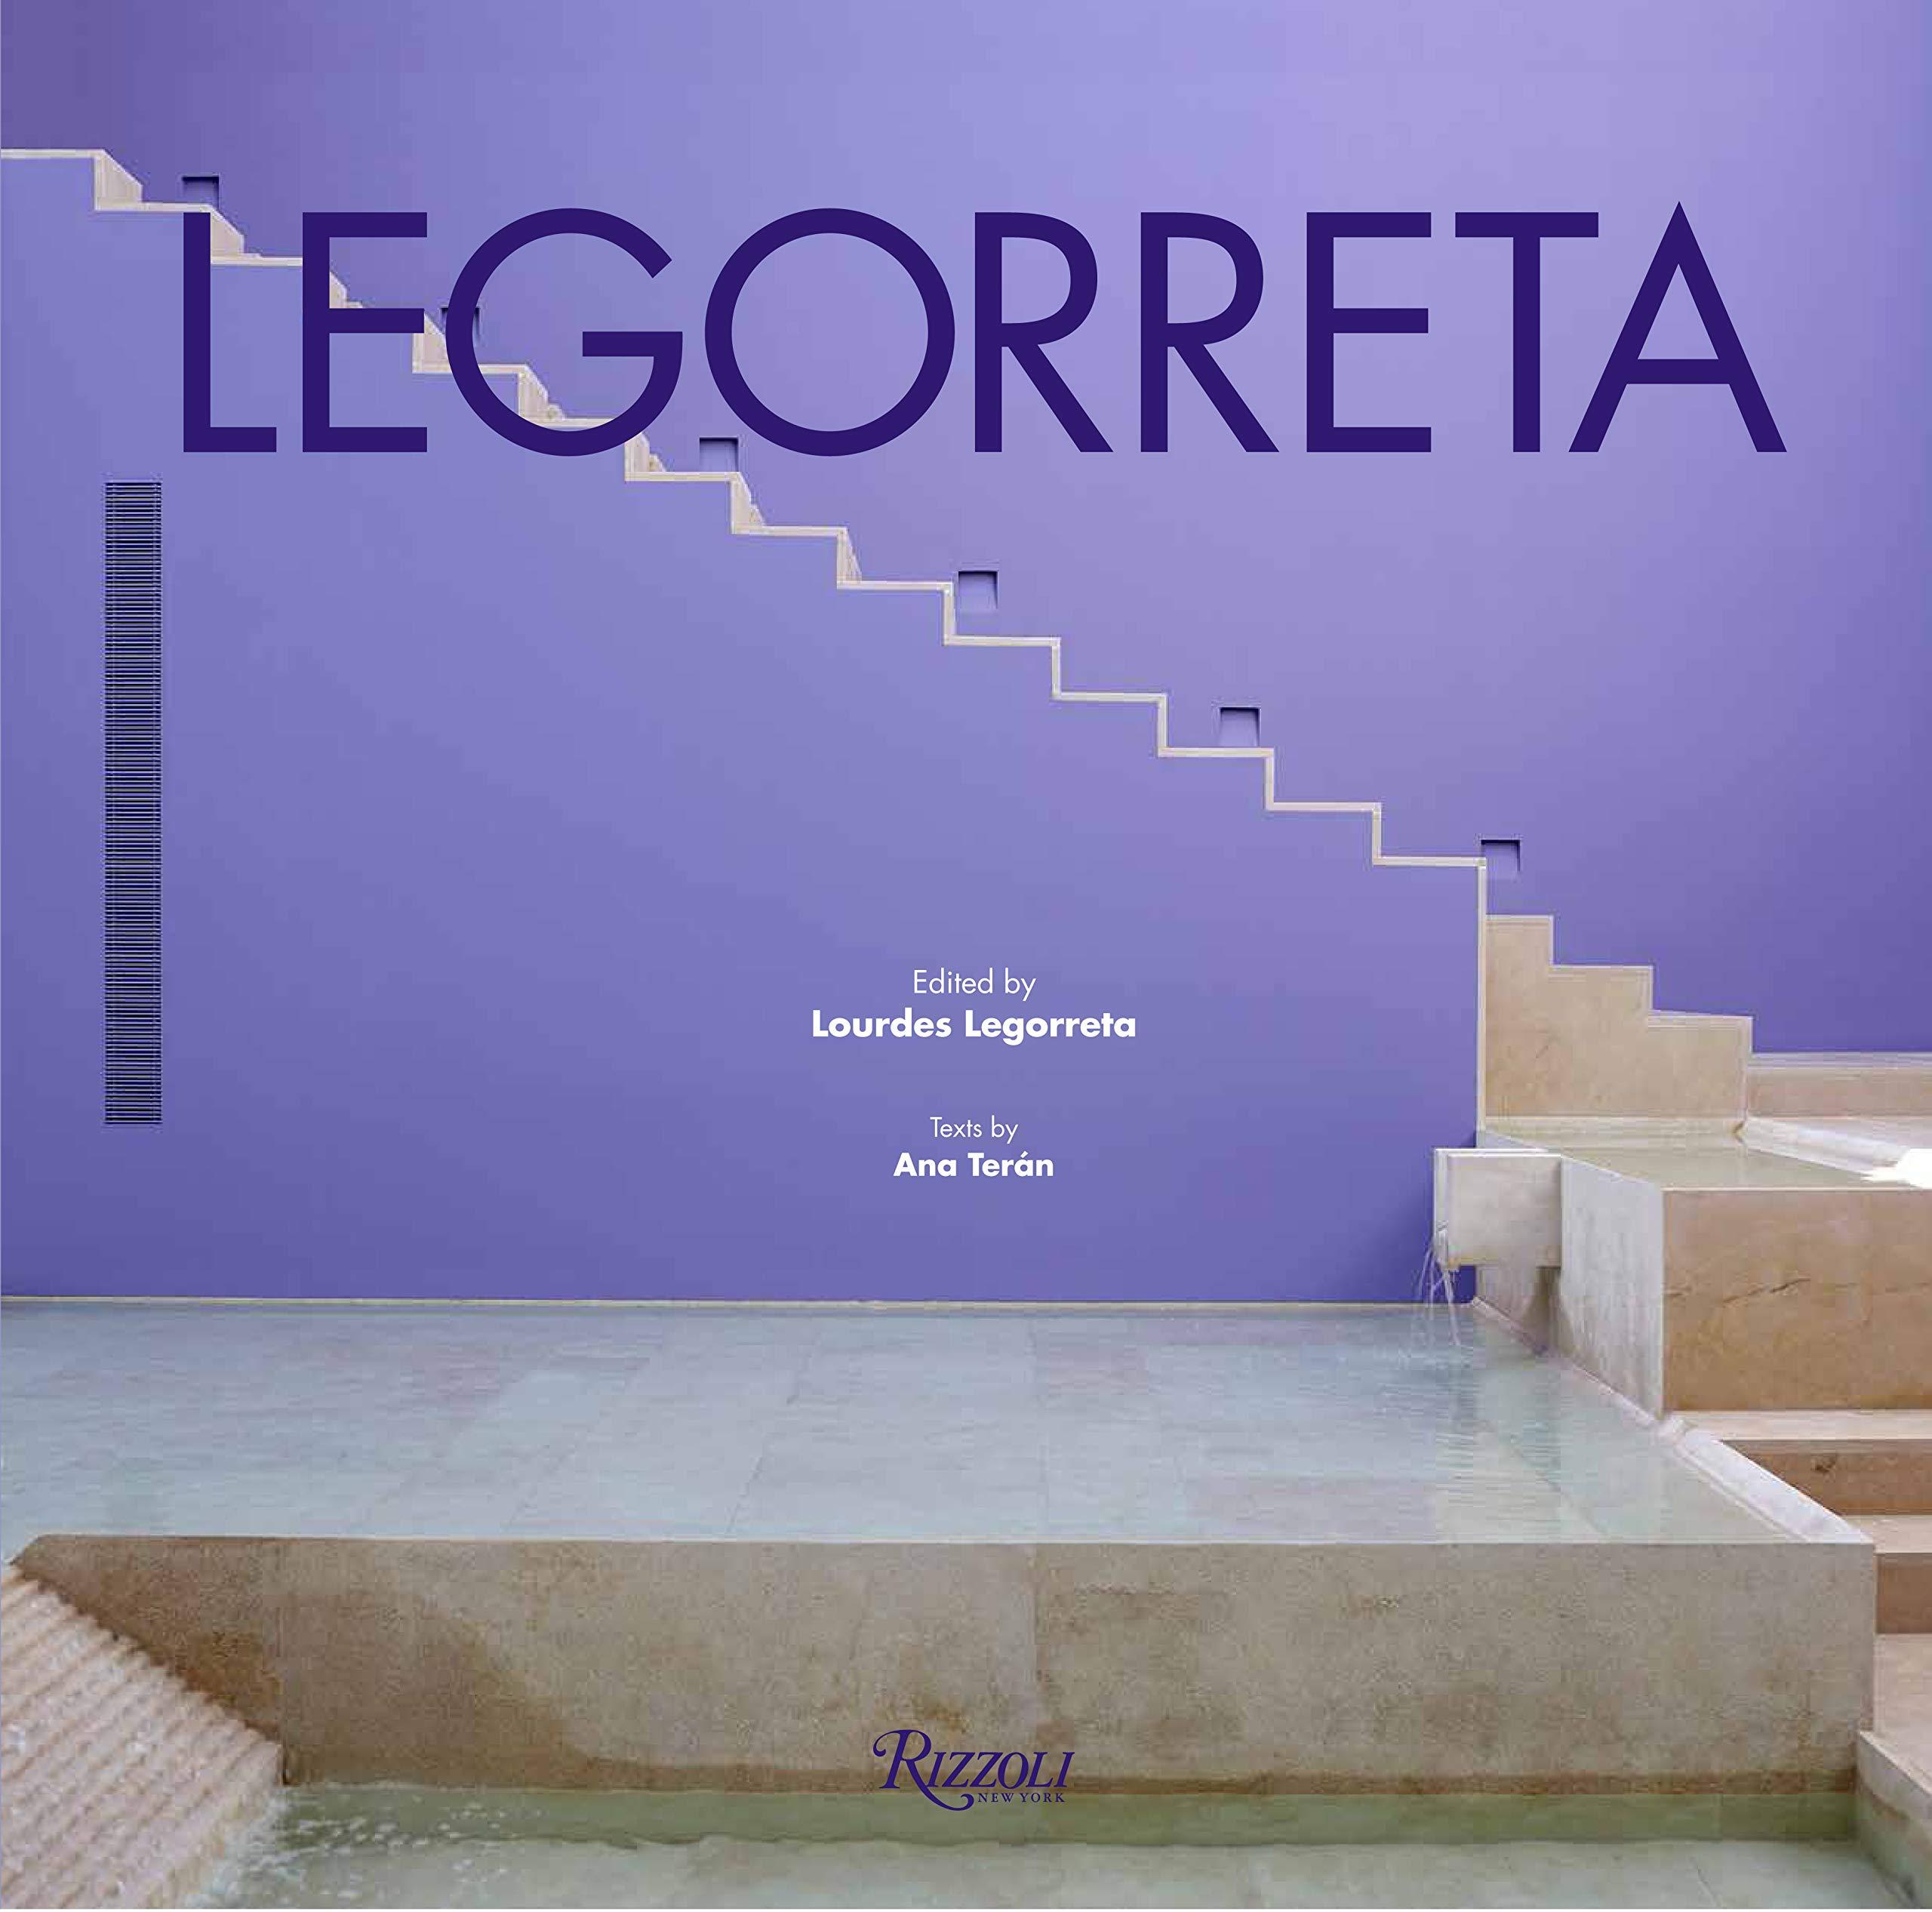 Legorreta Hardcover – September 29, 2015